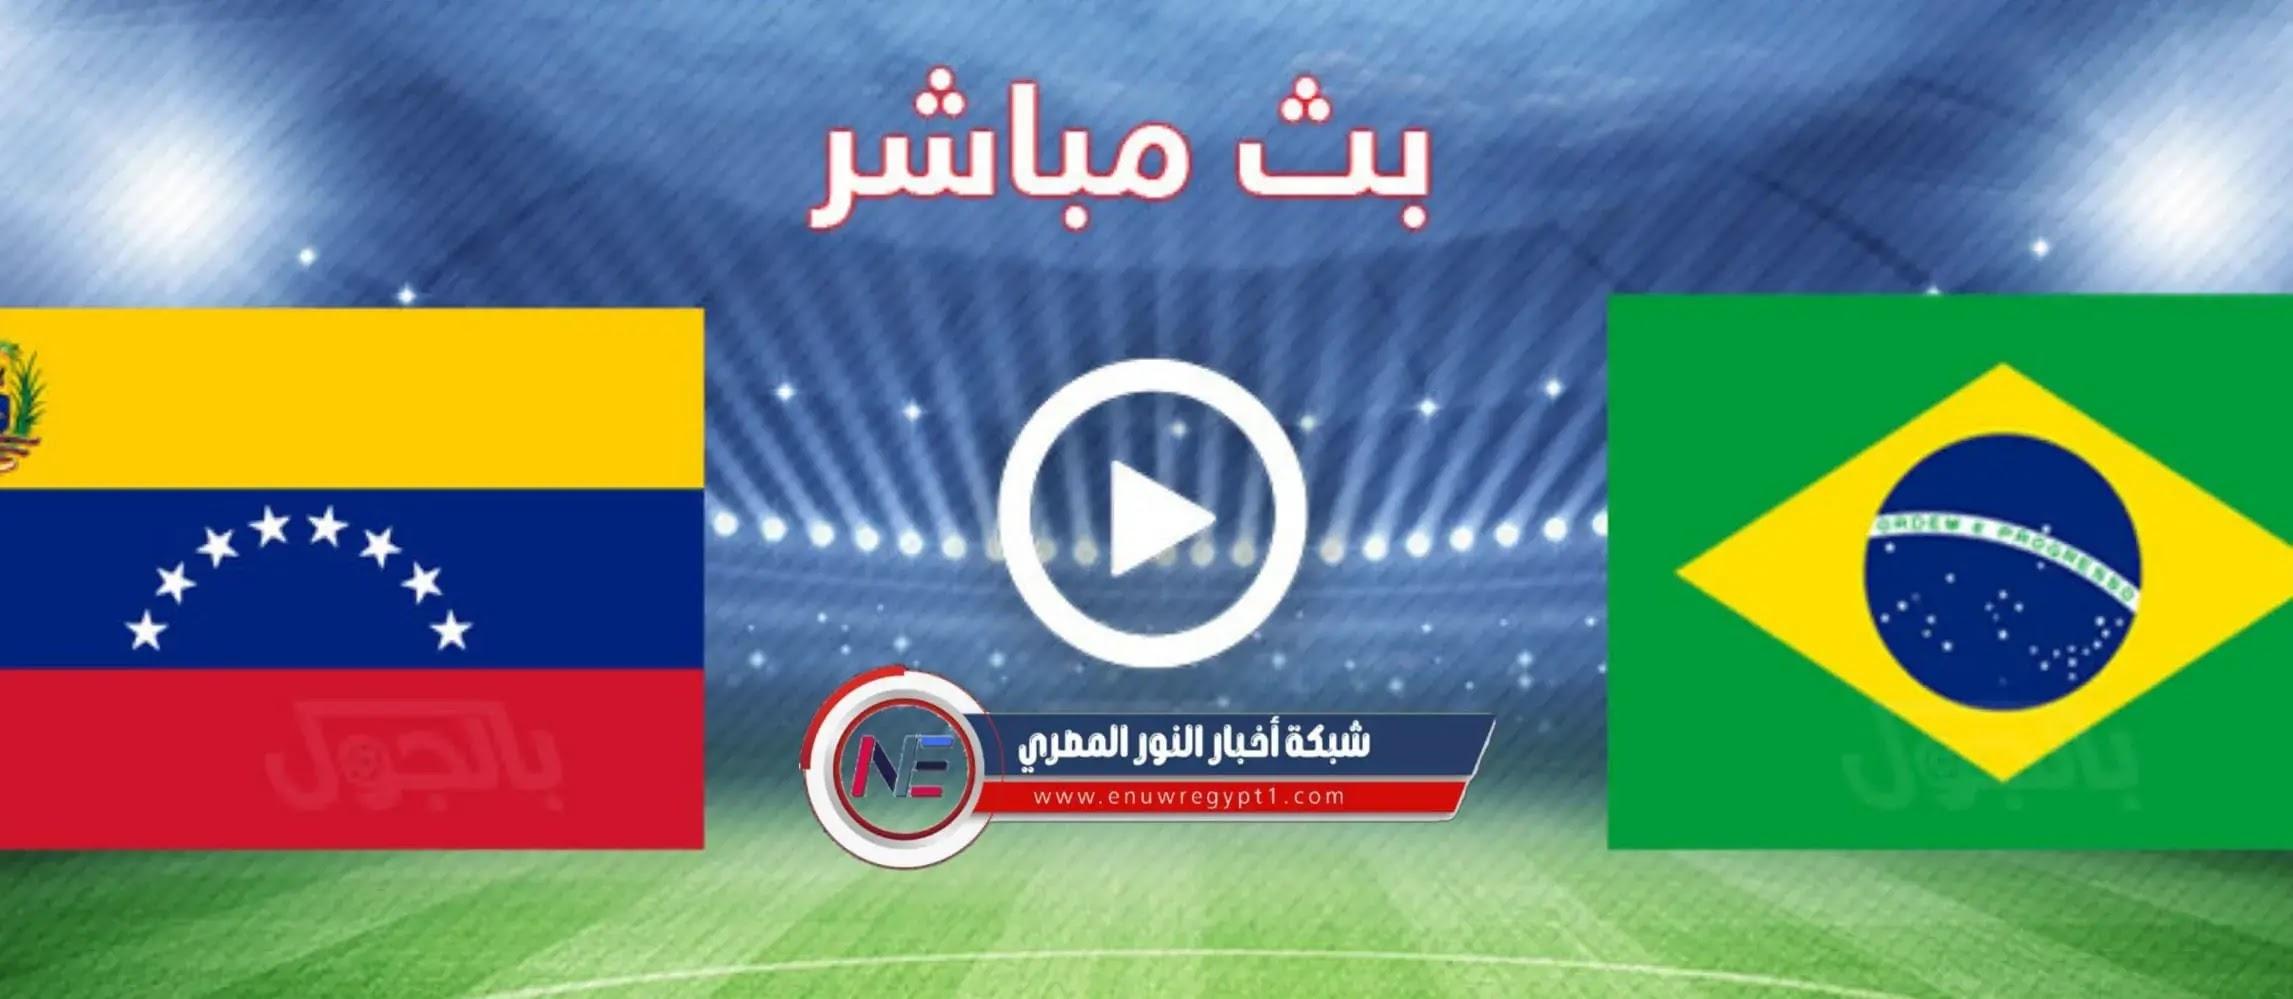 يلا شوت يوتيوب .. مشاهدة مباراة البرازيل و فنزويلا بث مباشر اليوم 07-10-2021 في تصفيات كأس العالم بجودة عالية